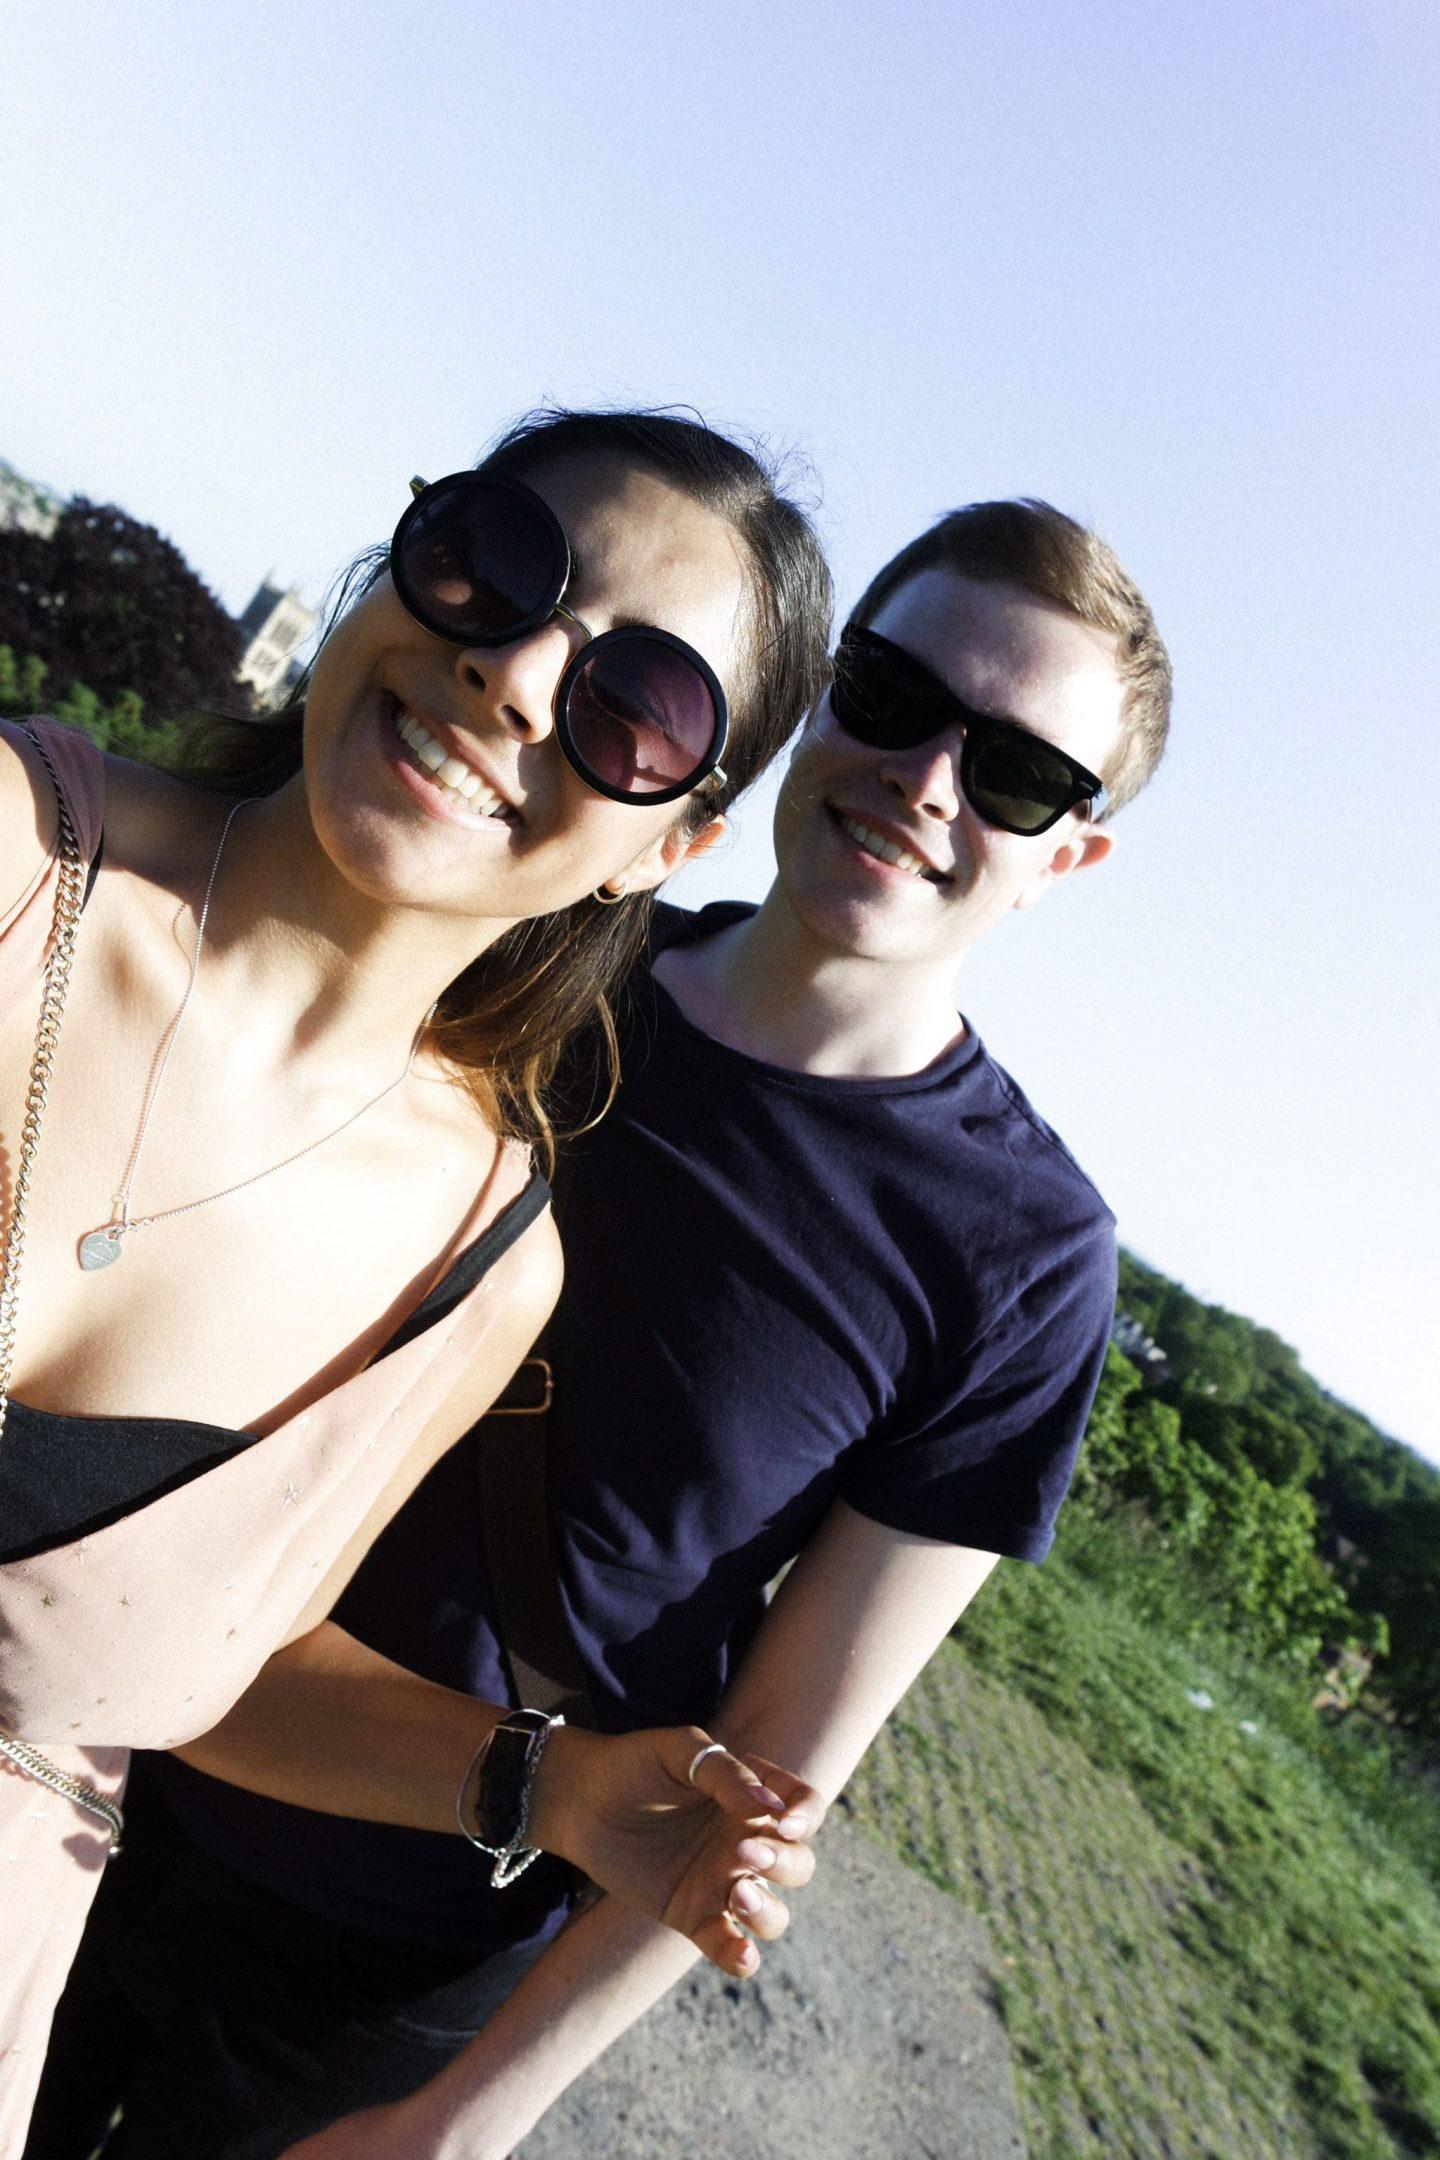 Selfie girl and boy in Cambridge